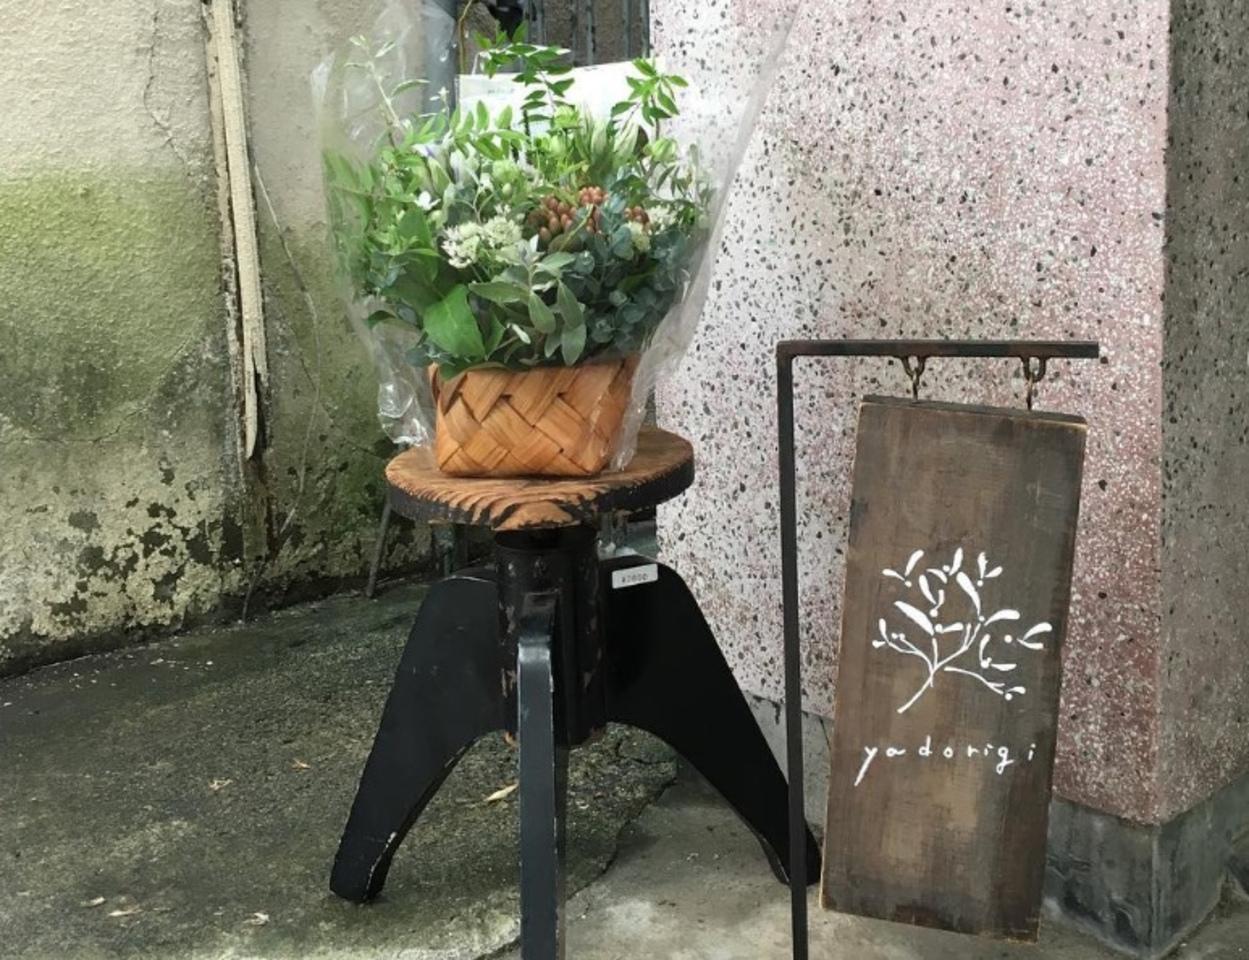 貼り絵と帽子と古道具のお店...前橋市千代田町に『ヤドリギ』プレオープン。